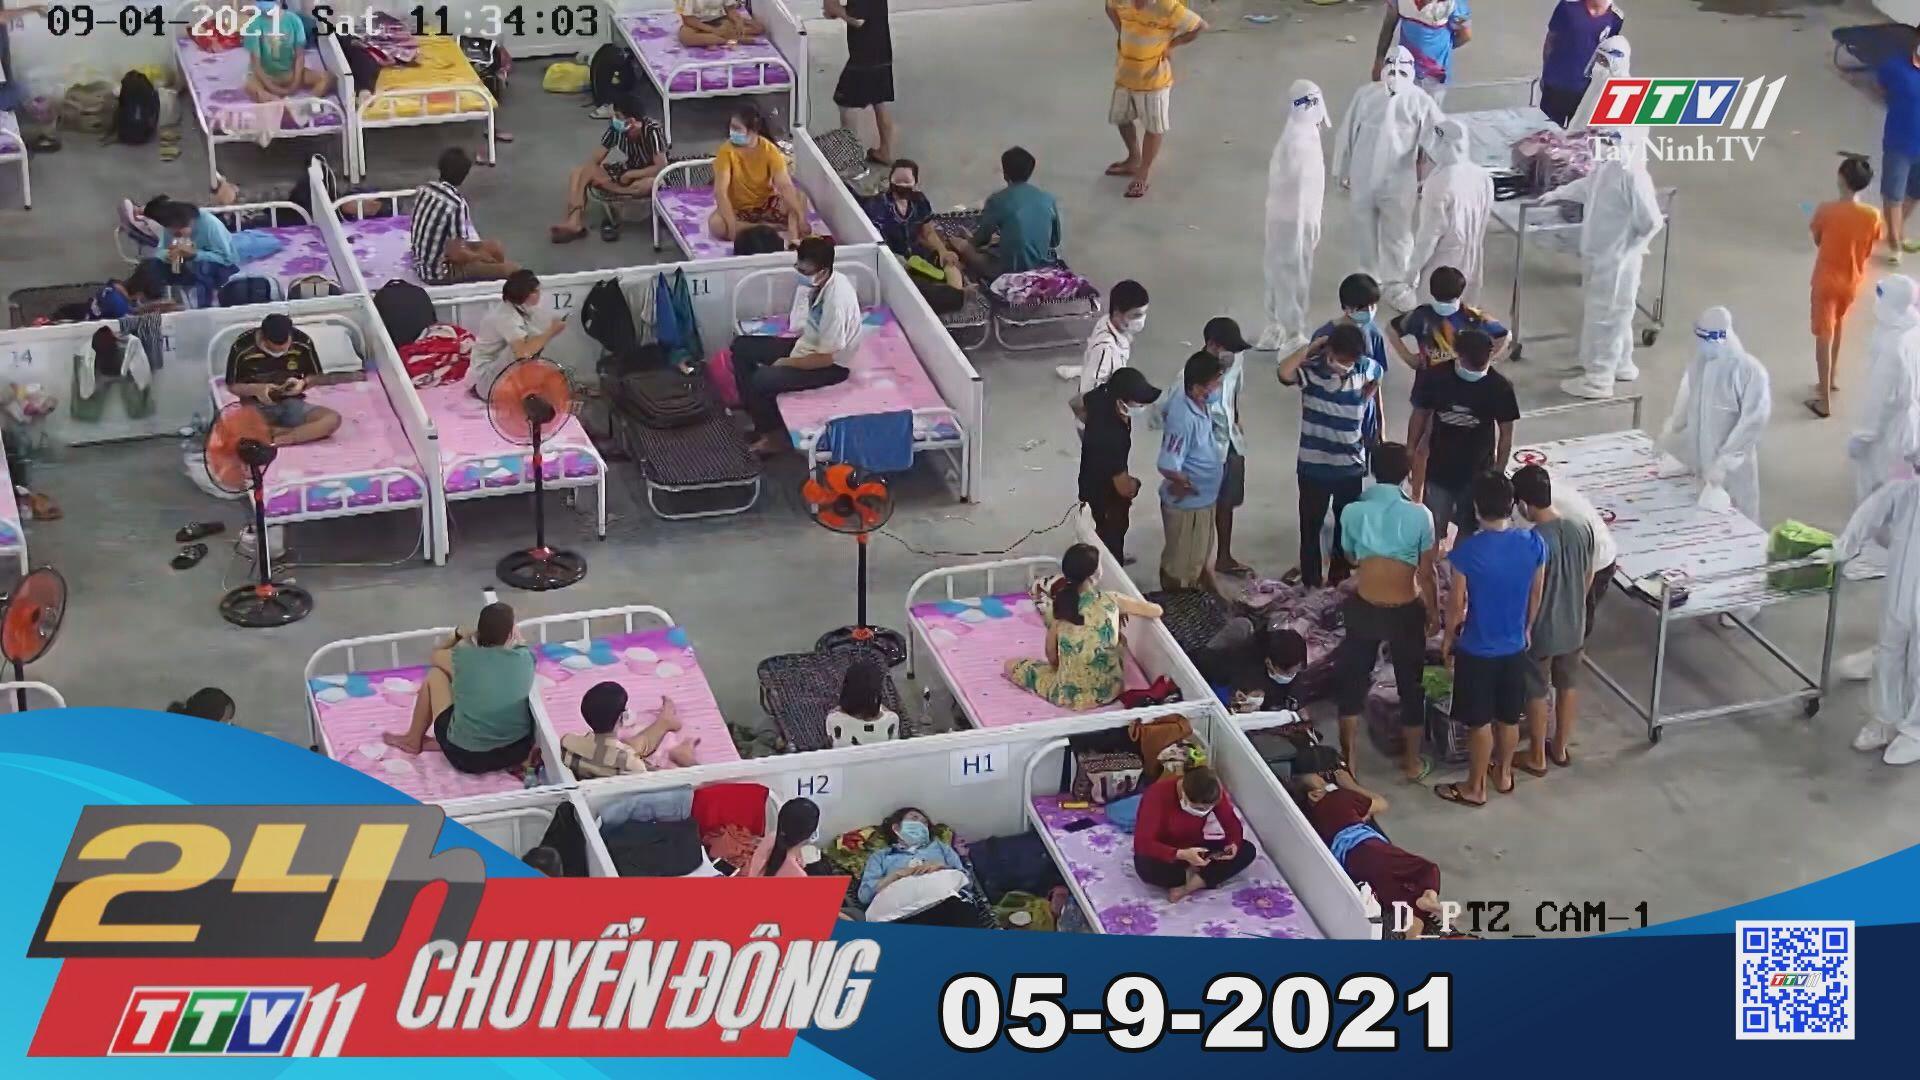 24h Chuyển động 05-9-2021 | Tin tức hôm nay | TayNinhTV